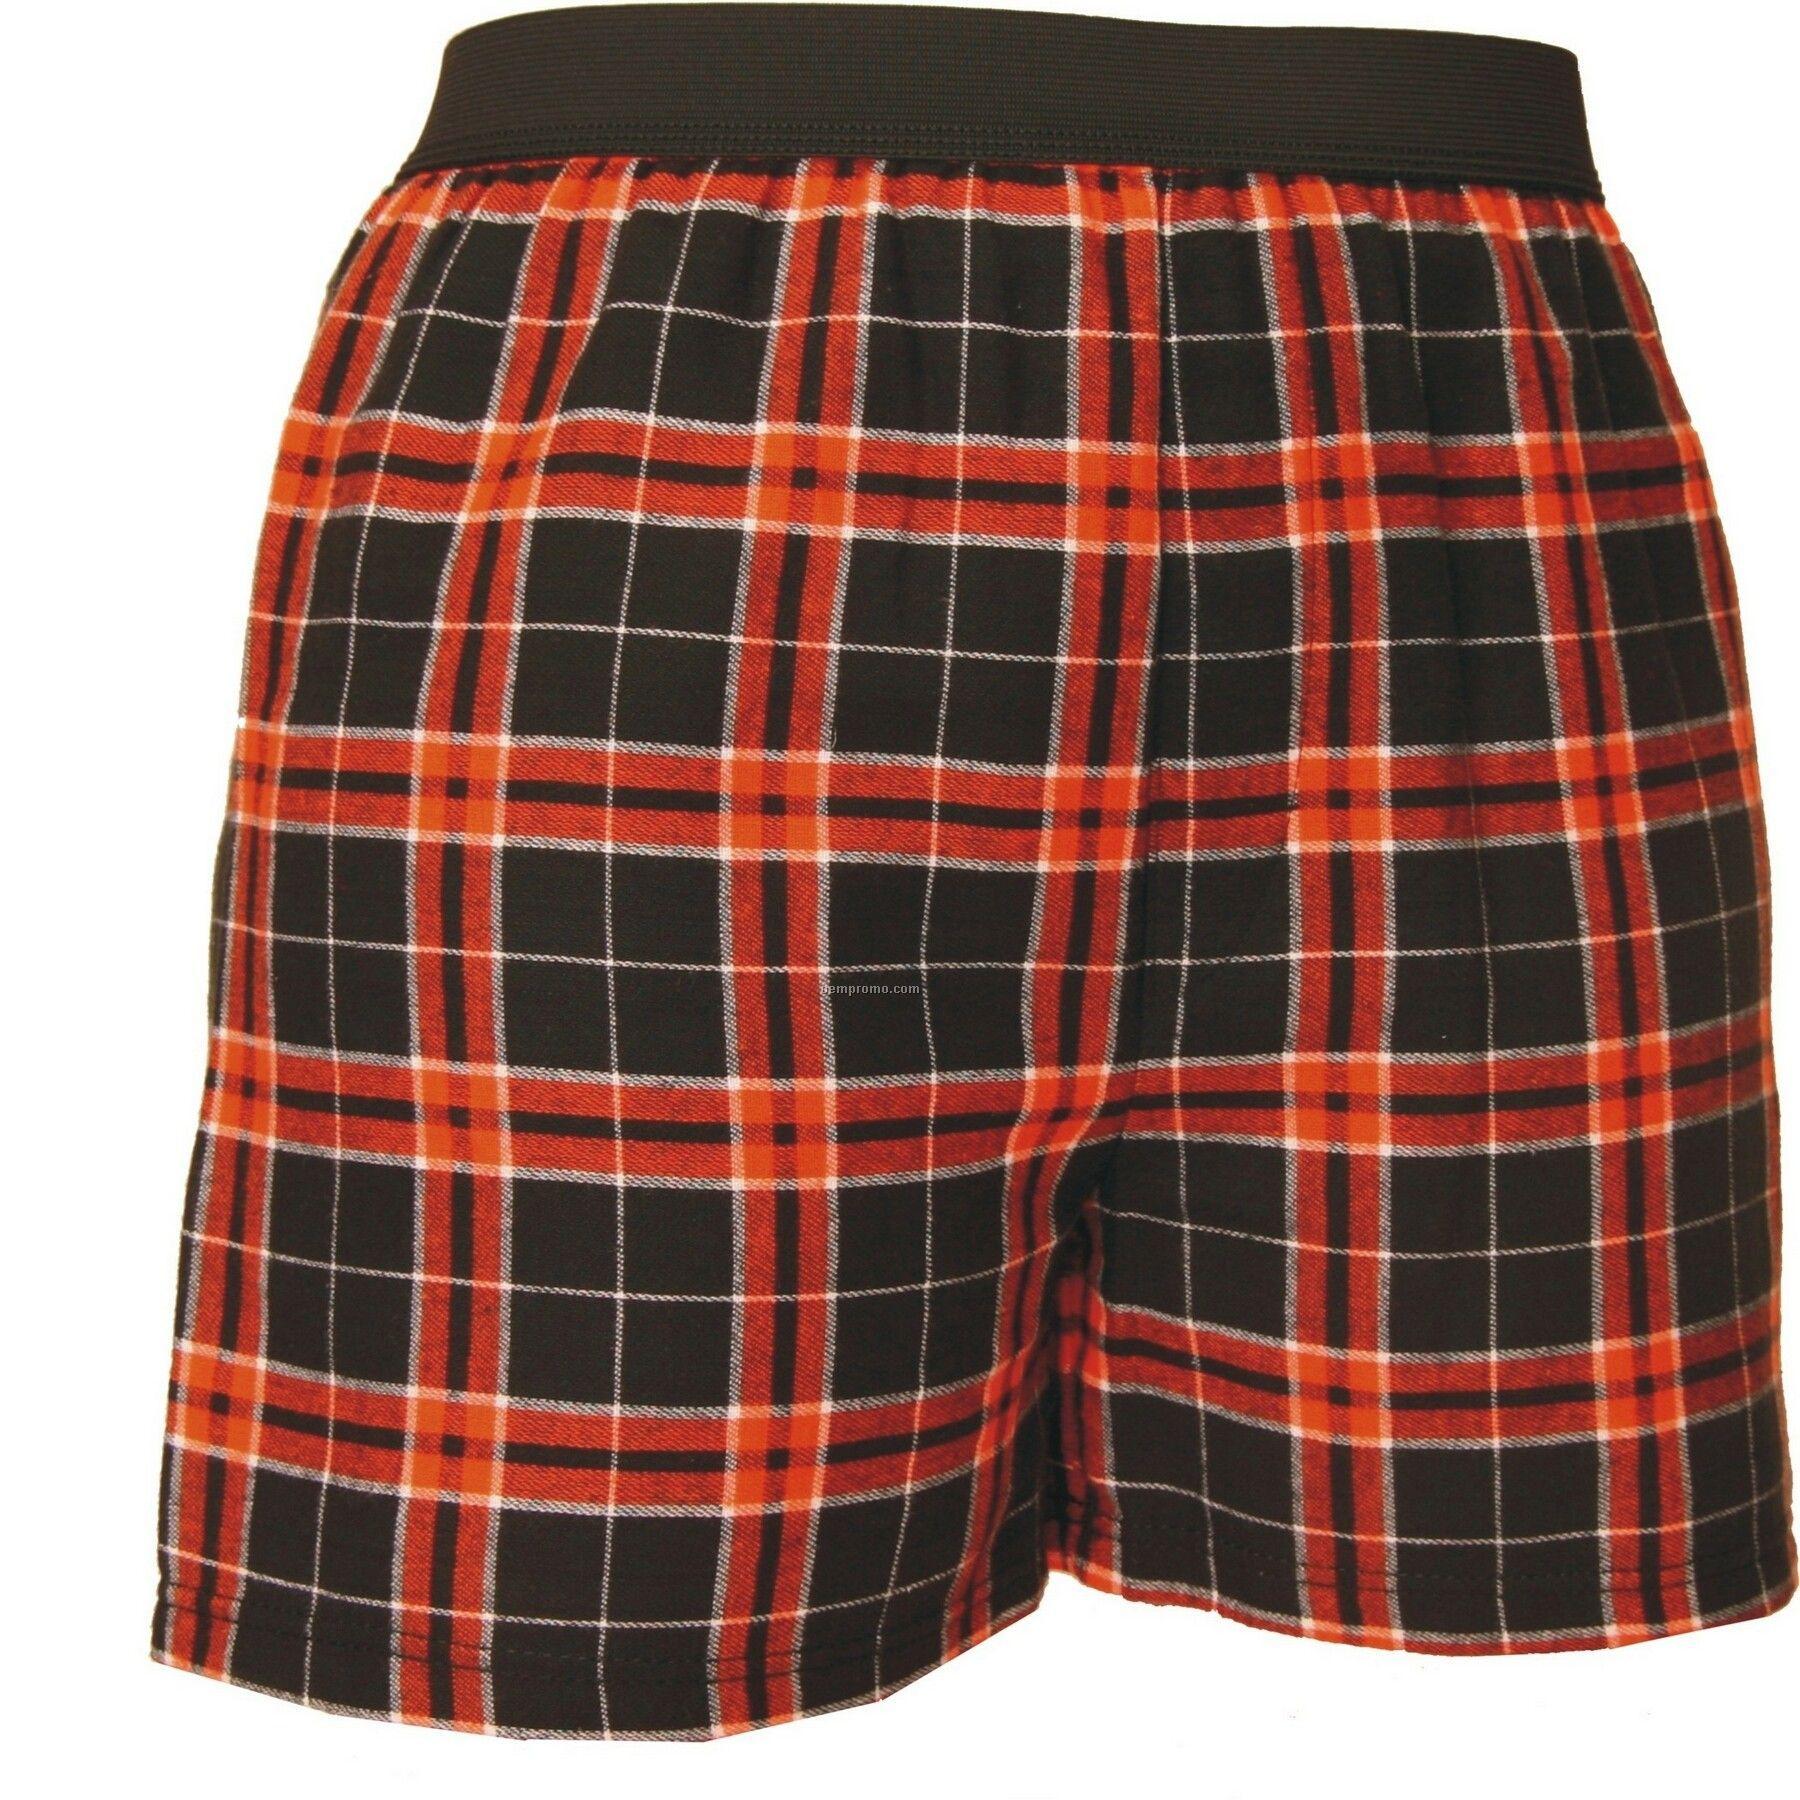 Adult Orange/Black Plaid Classic Boxer Short